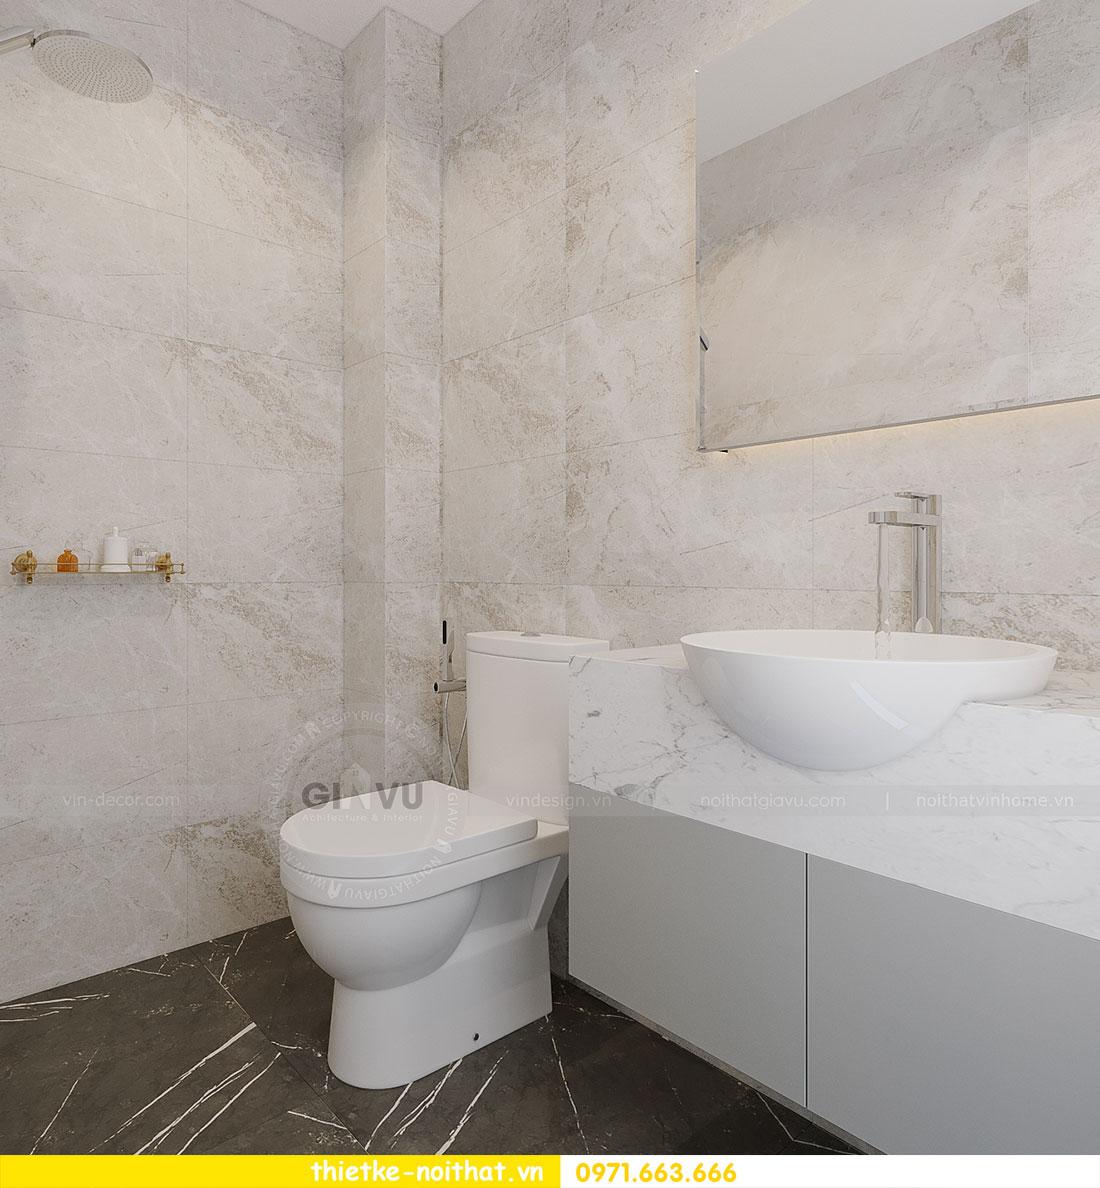 Thiết kế thi công nội thất chung cư Dcapitale tòa C1 căn 09 - Ms.Hường 16